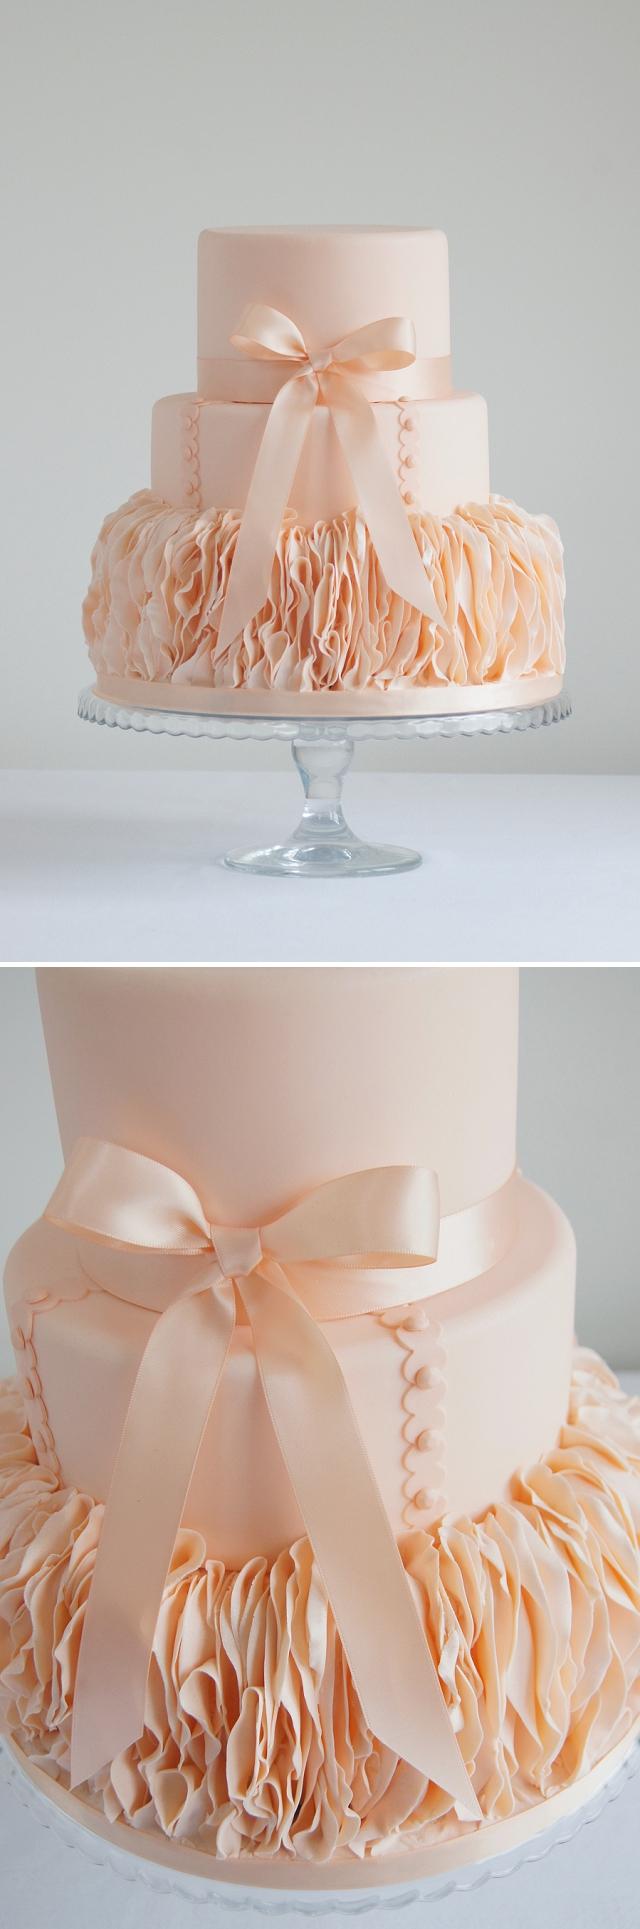 Cakes by krishanthi sesandlacecakesby